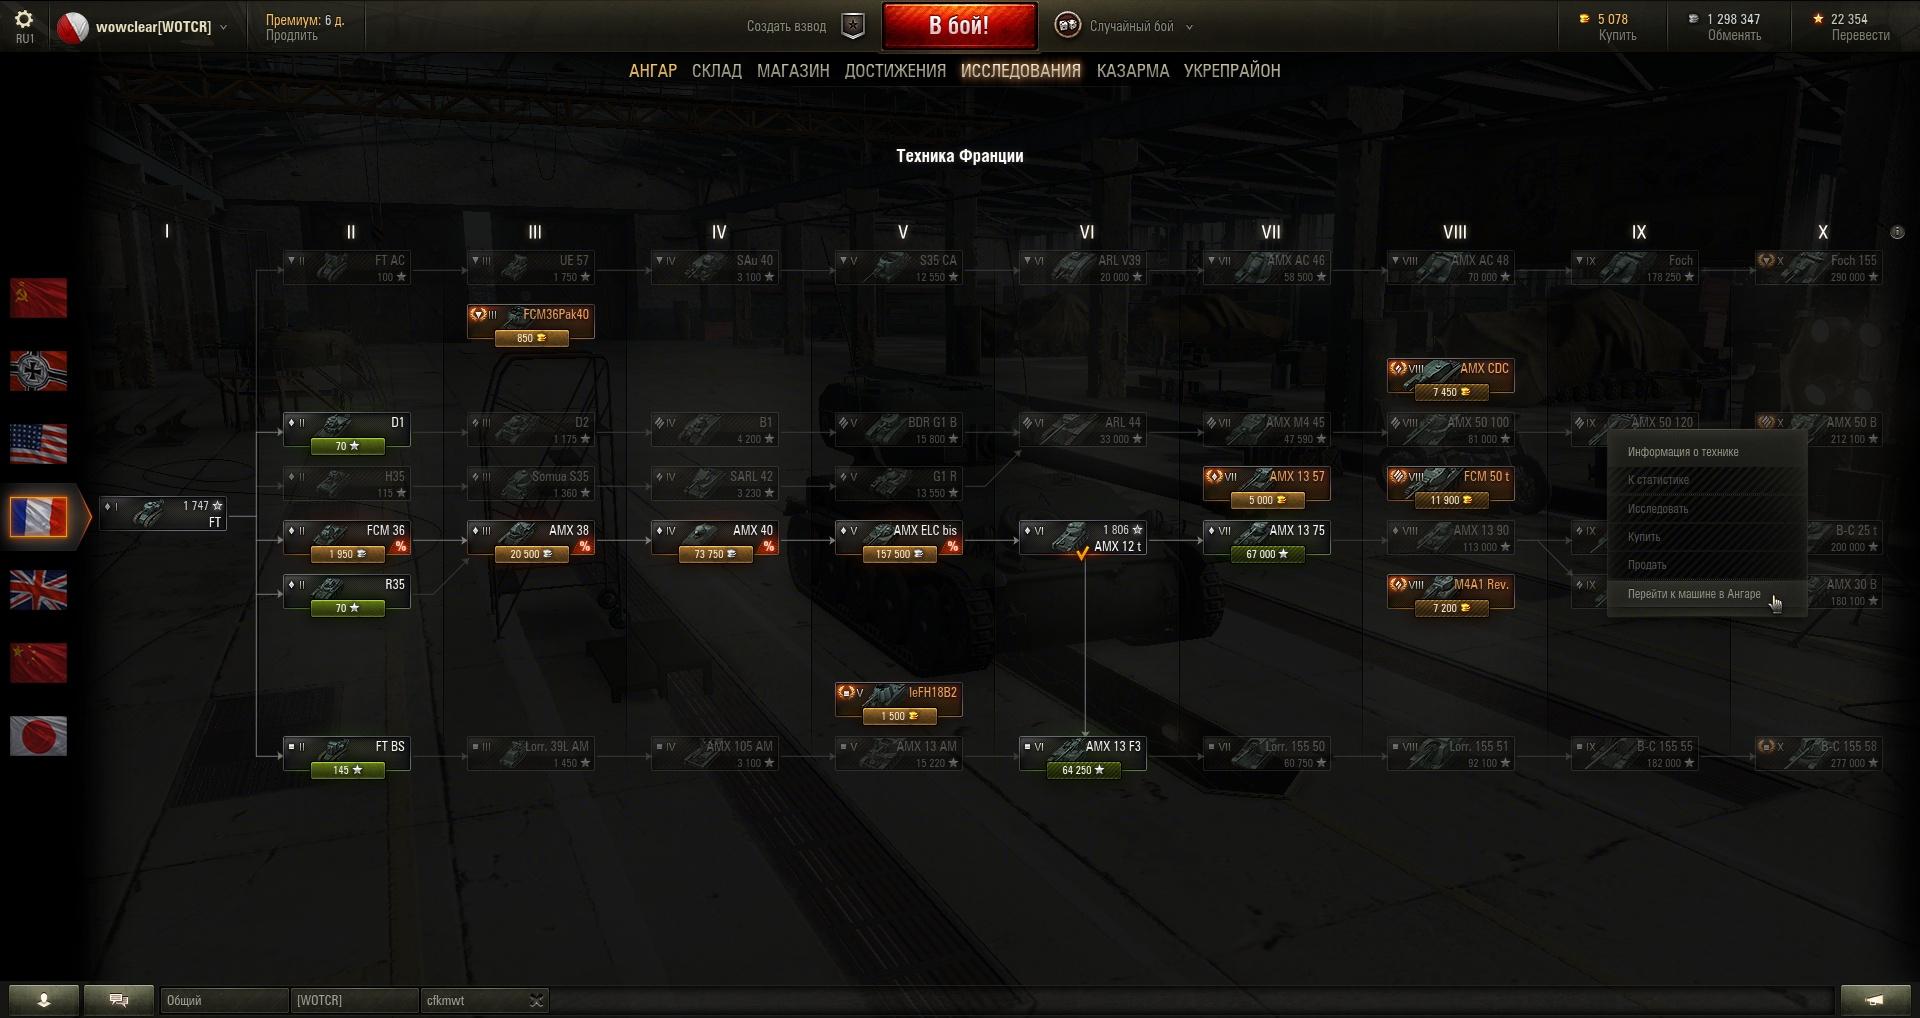 Узнать танки в ангаре